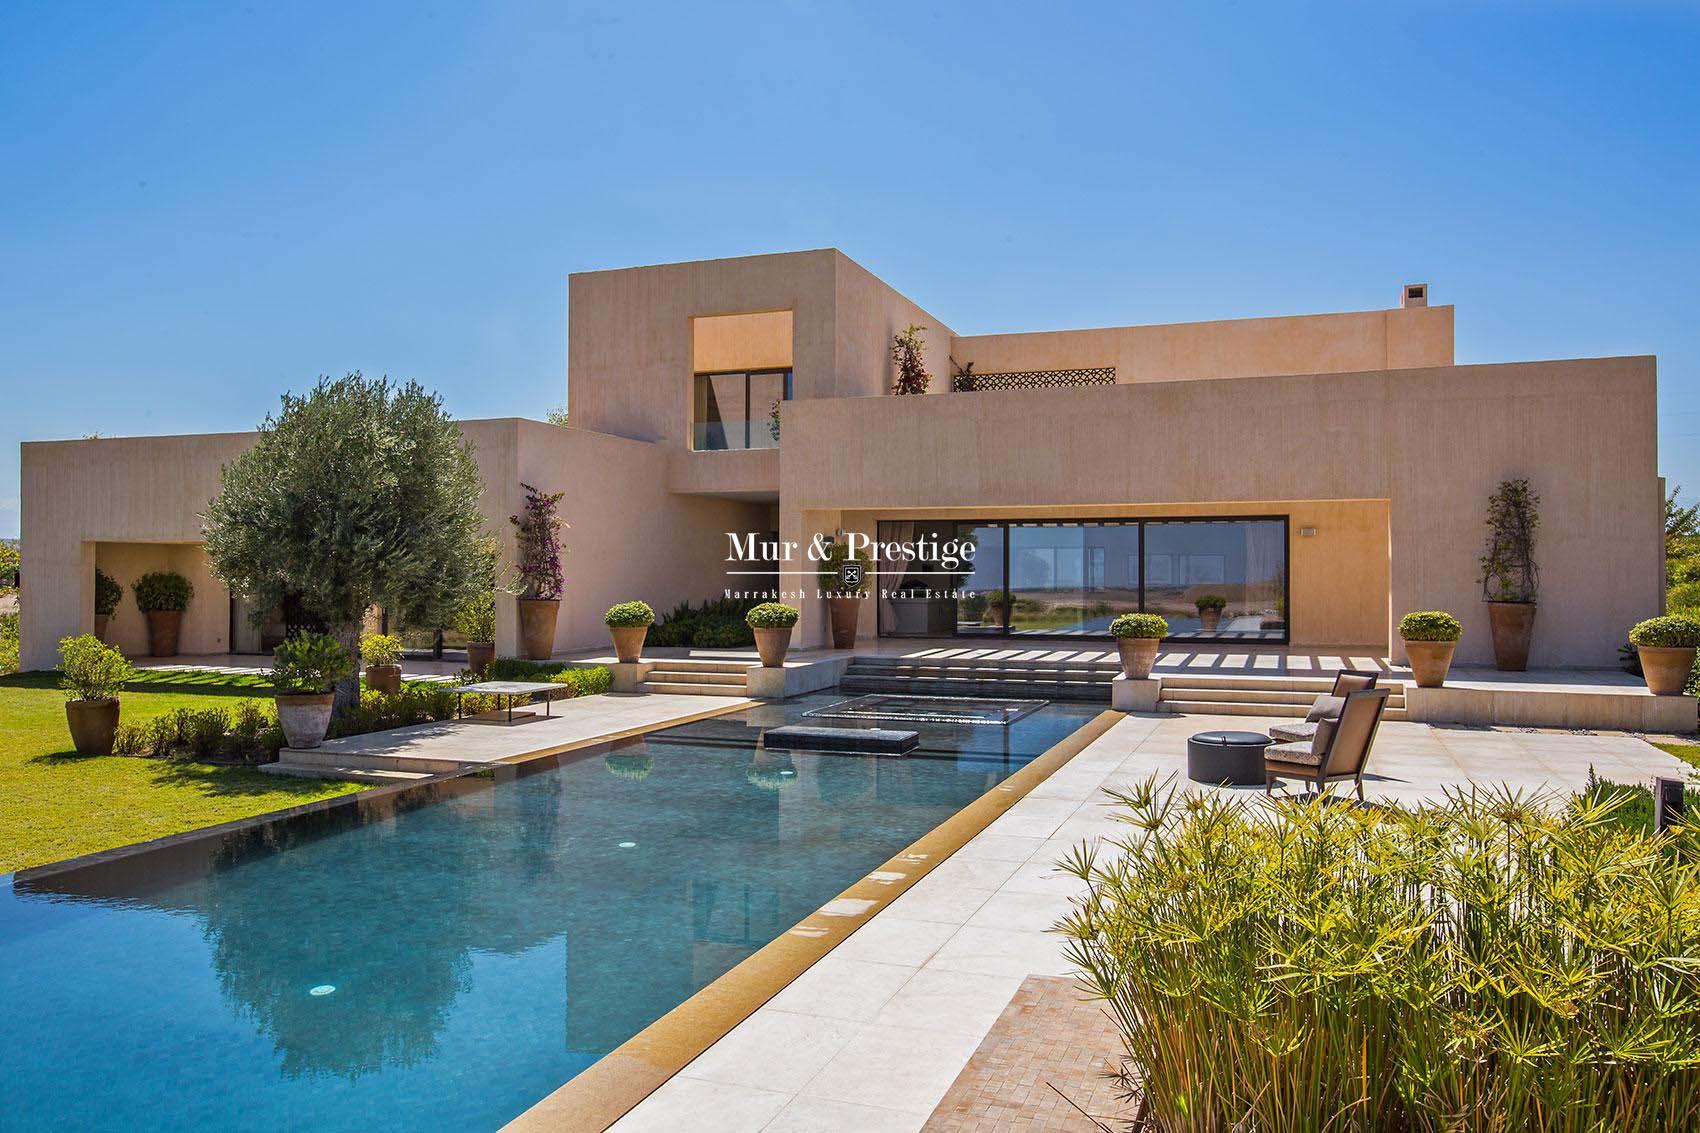 Vente d'une maison a Marrakech